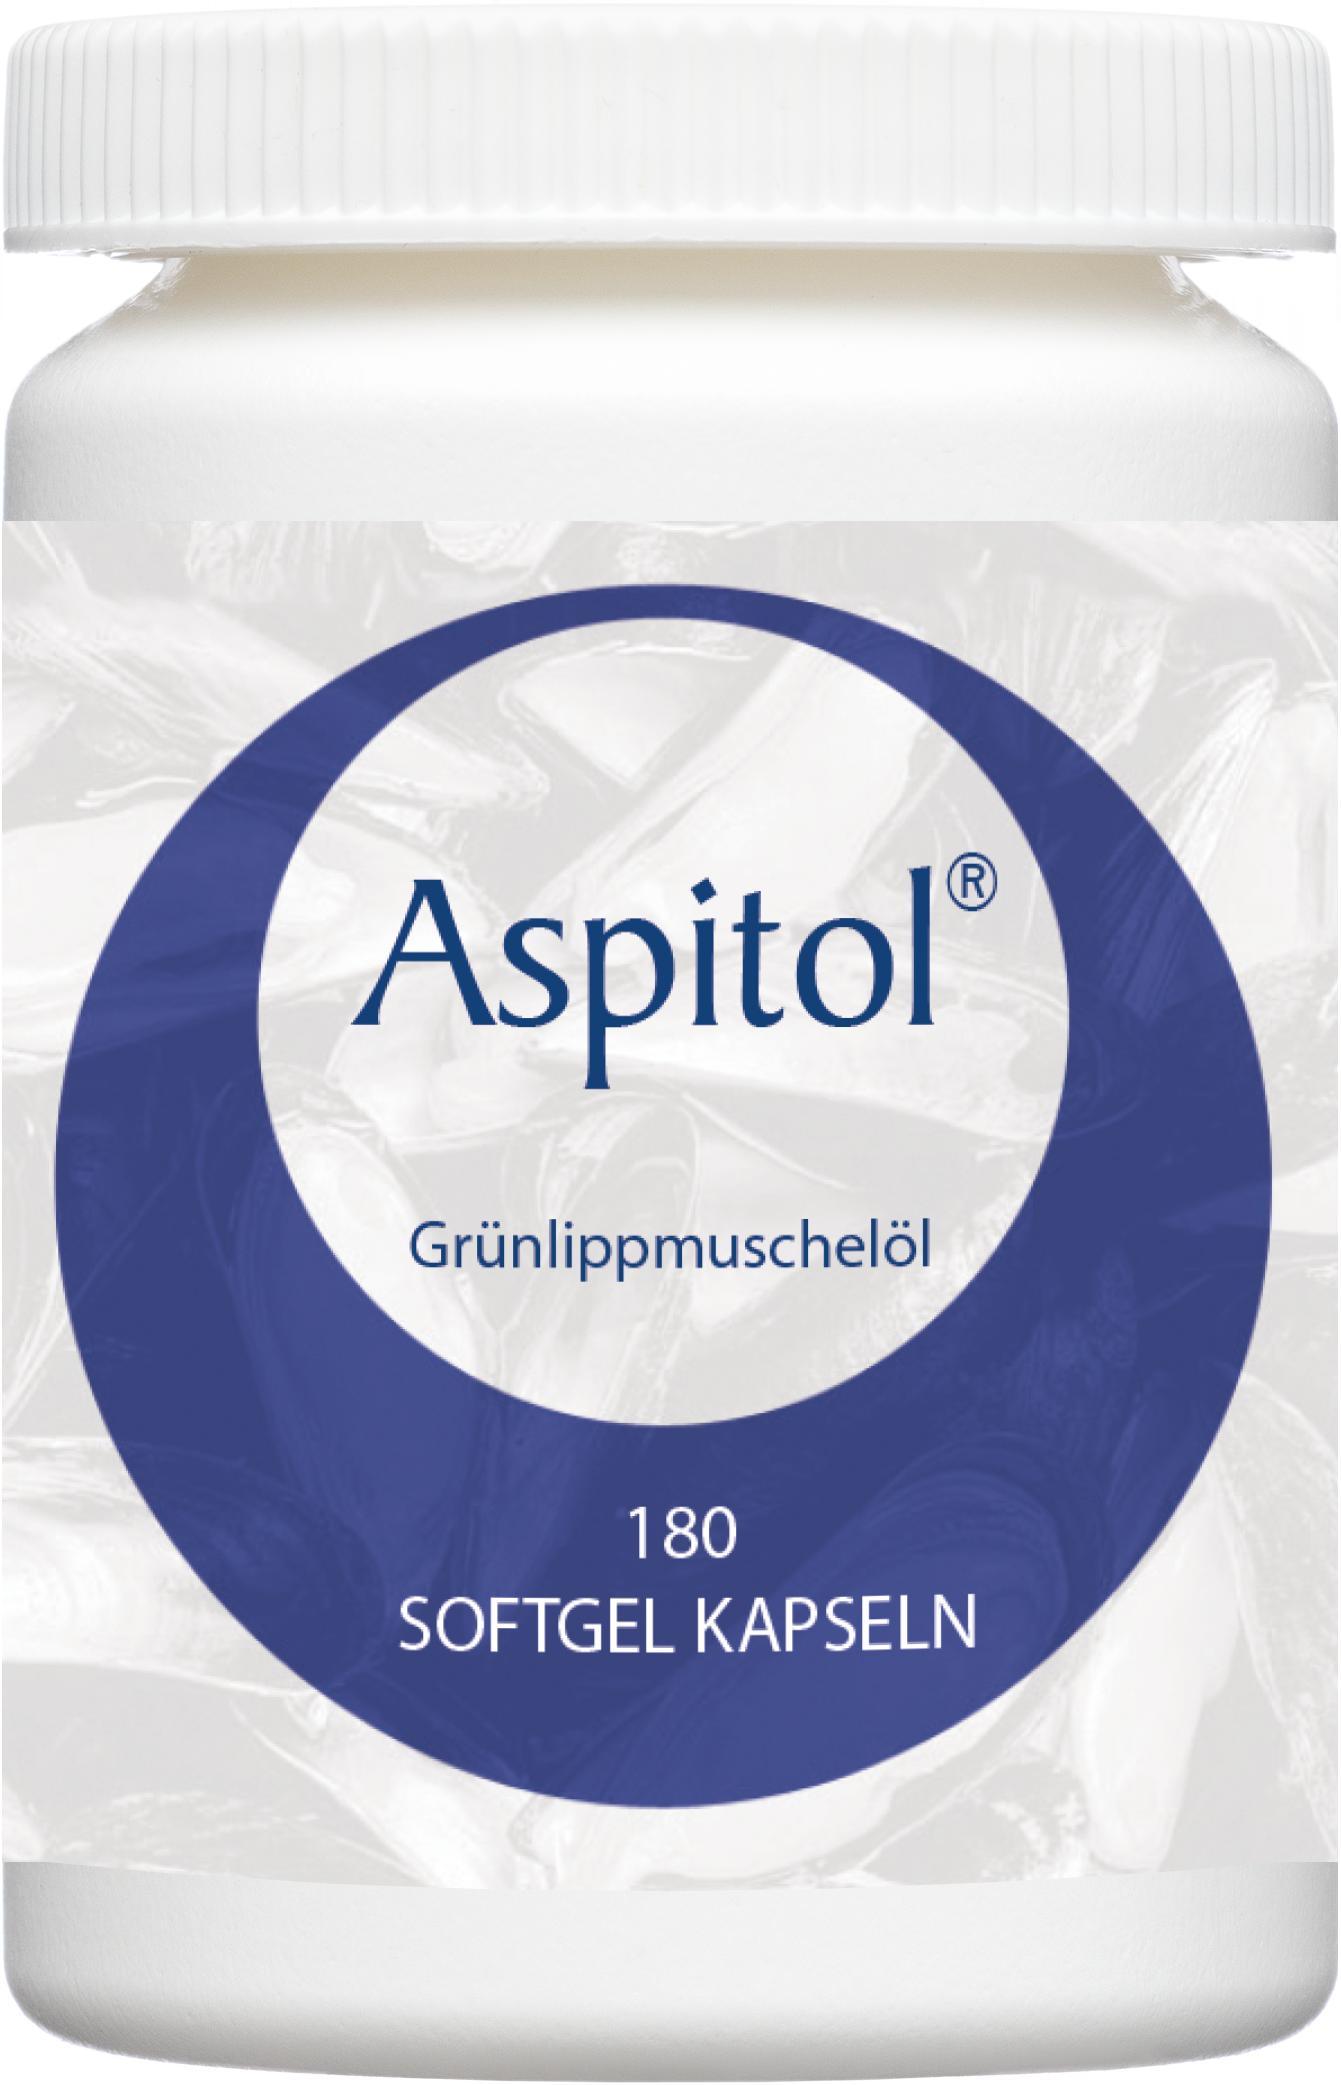 Aspitol 180 kapseln